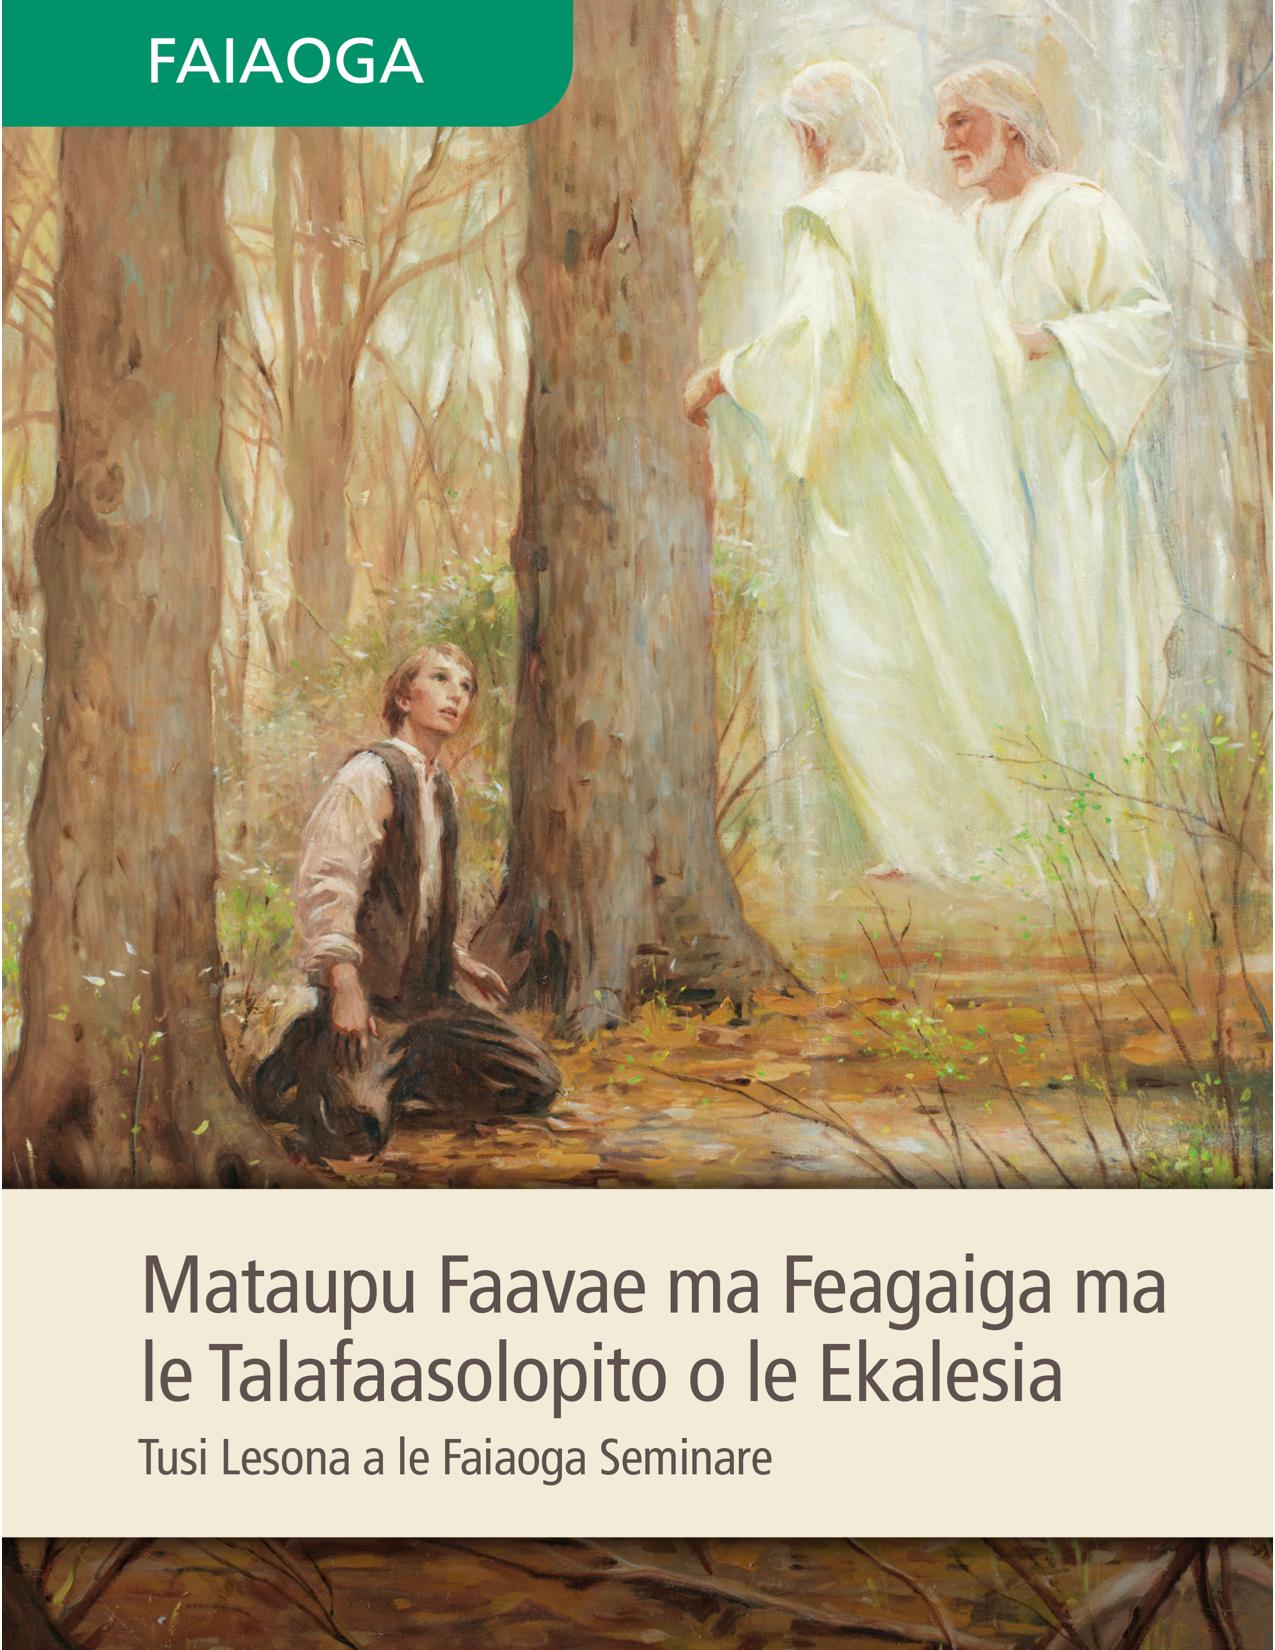 Tusi Lesona a le Faiaoga Seminare o le Mataupu Faavae ma Feagaiga ma le Talafaasolopito o le Ekalesia